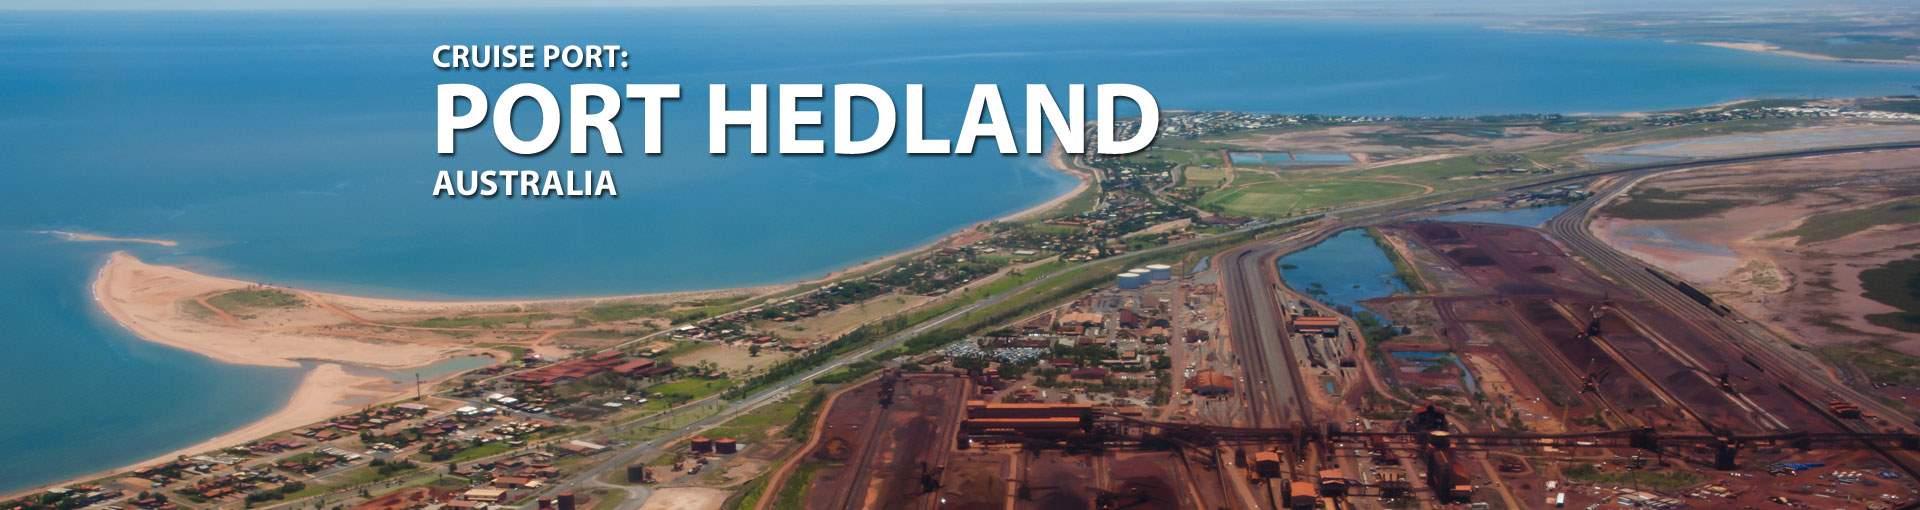 Cruises to Port Hedland, Australia